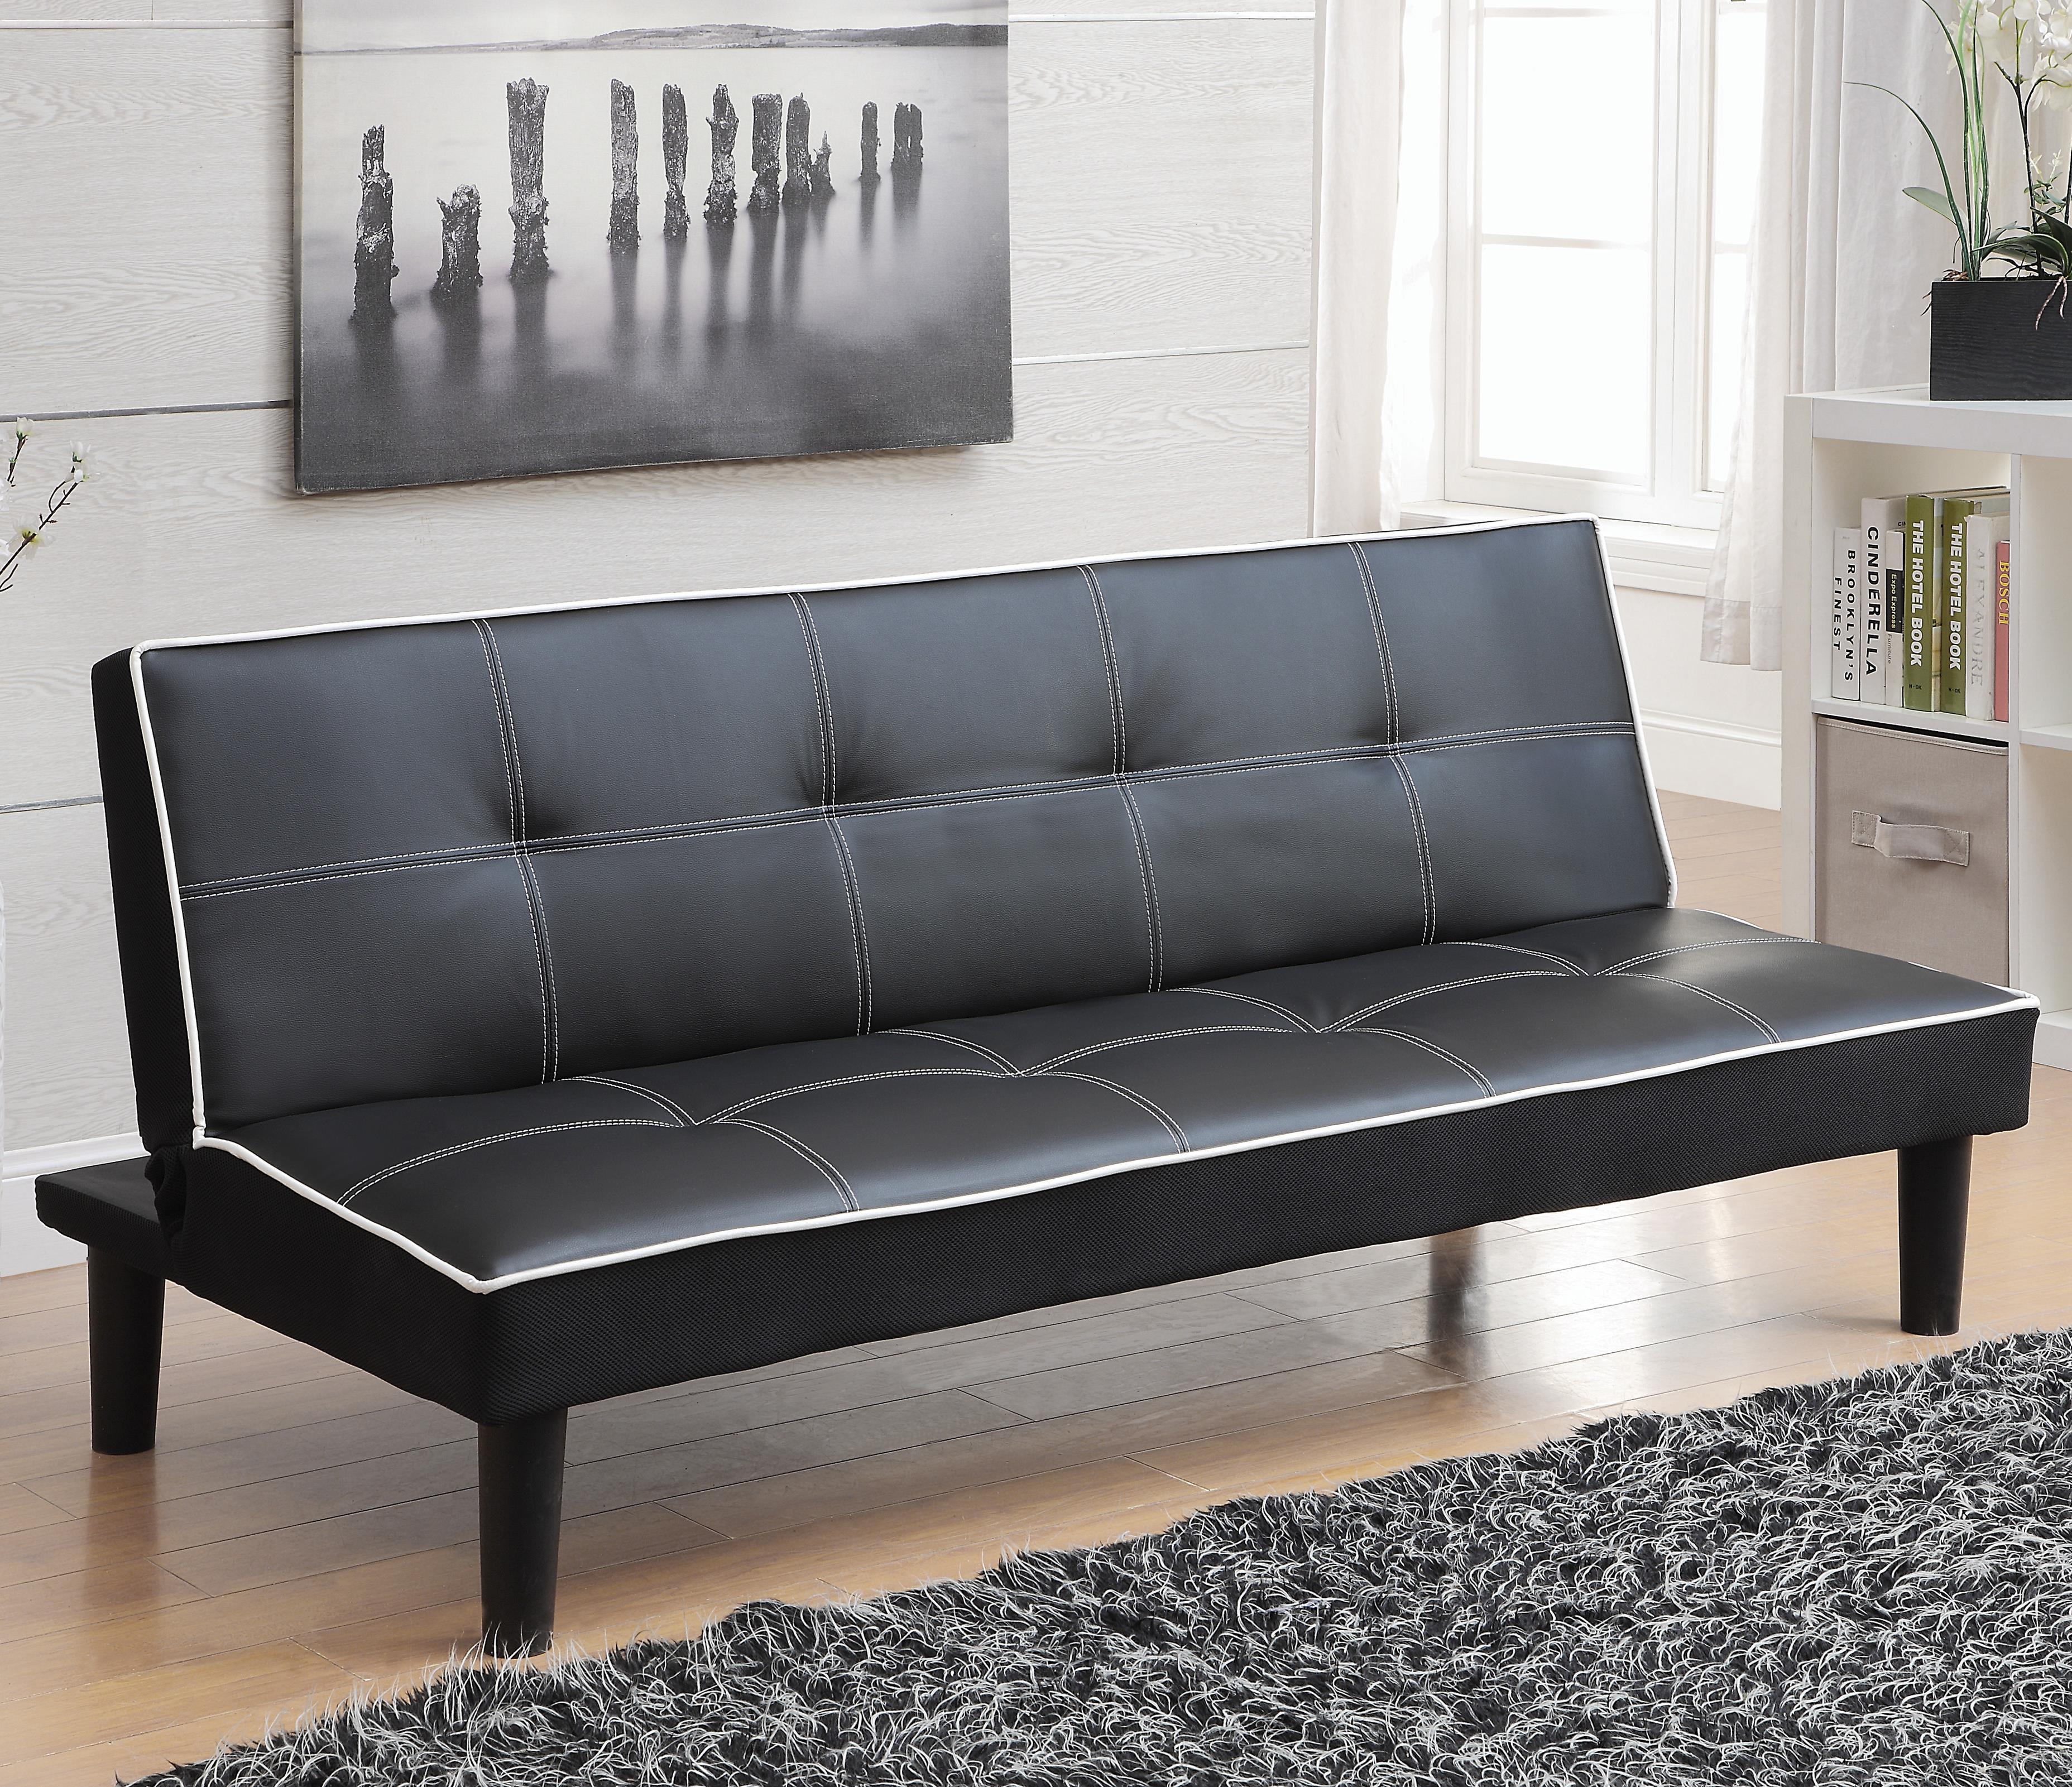 sofa beds_550044-b0